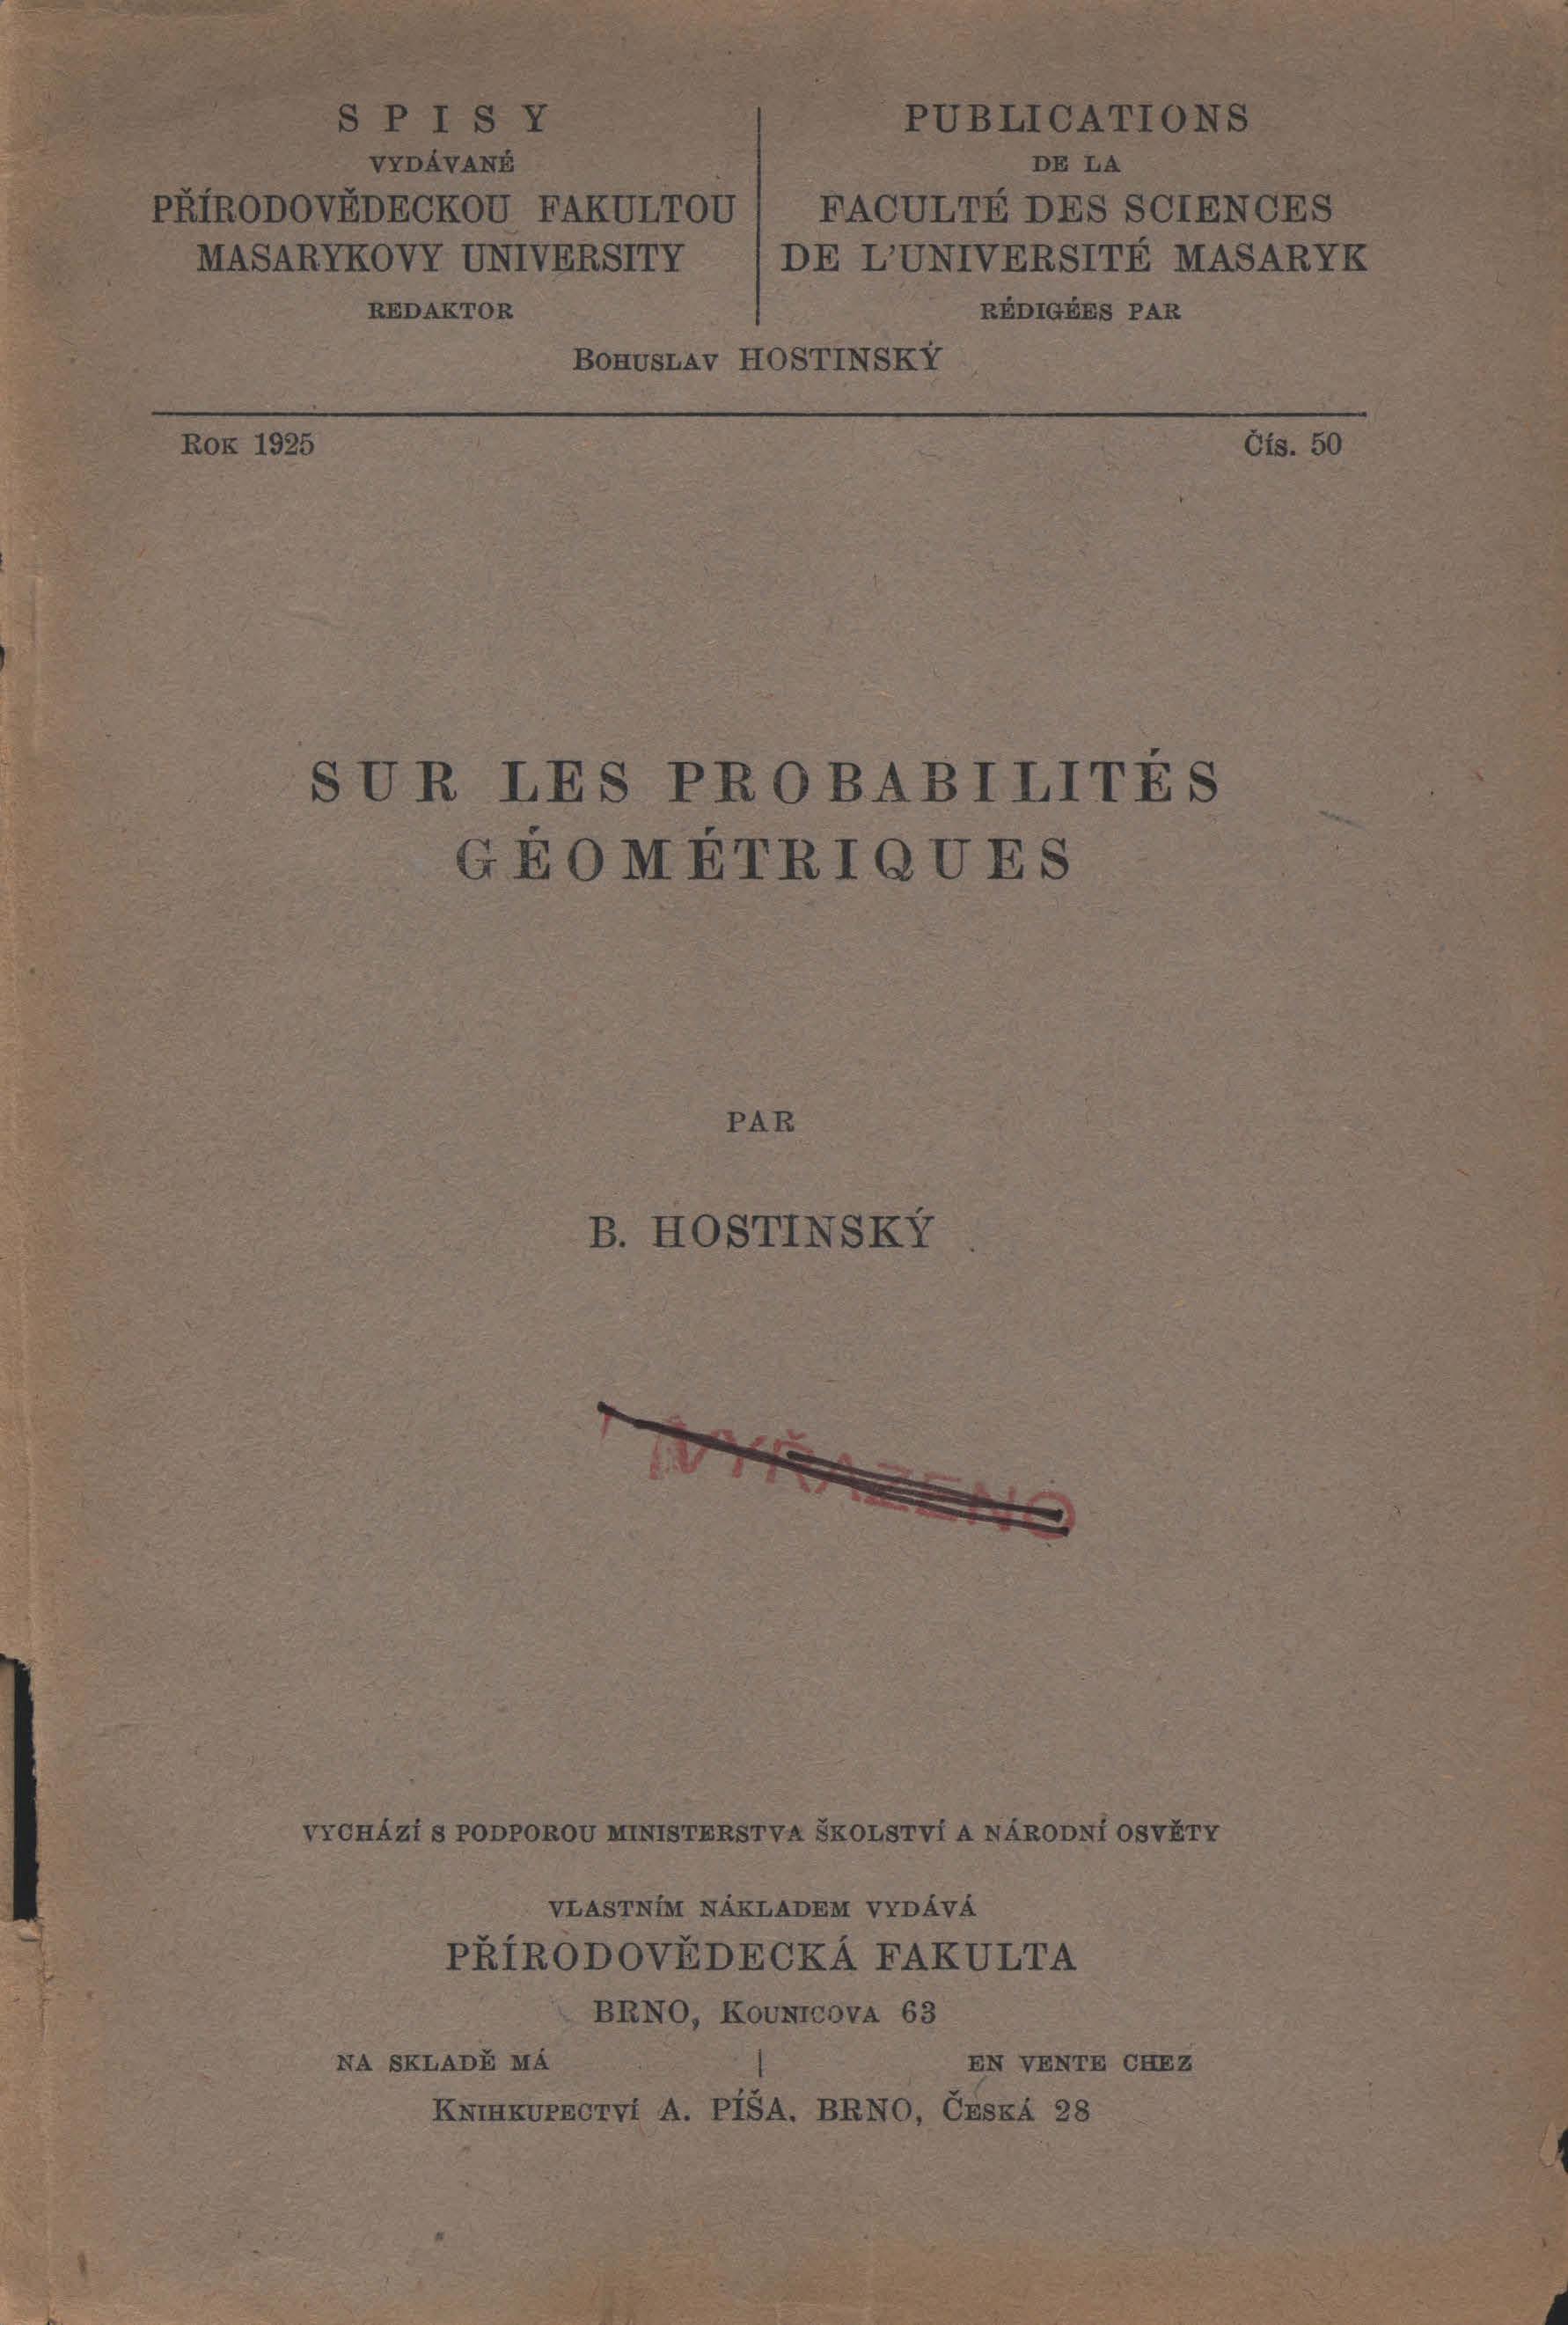 Obálka pro Sur les probabilités géométriques